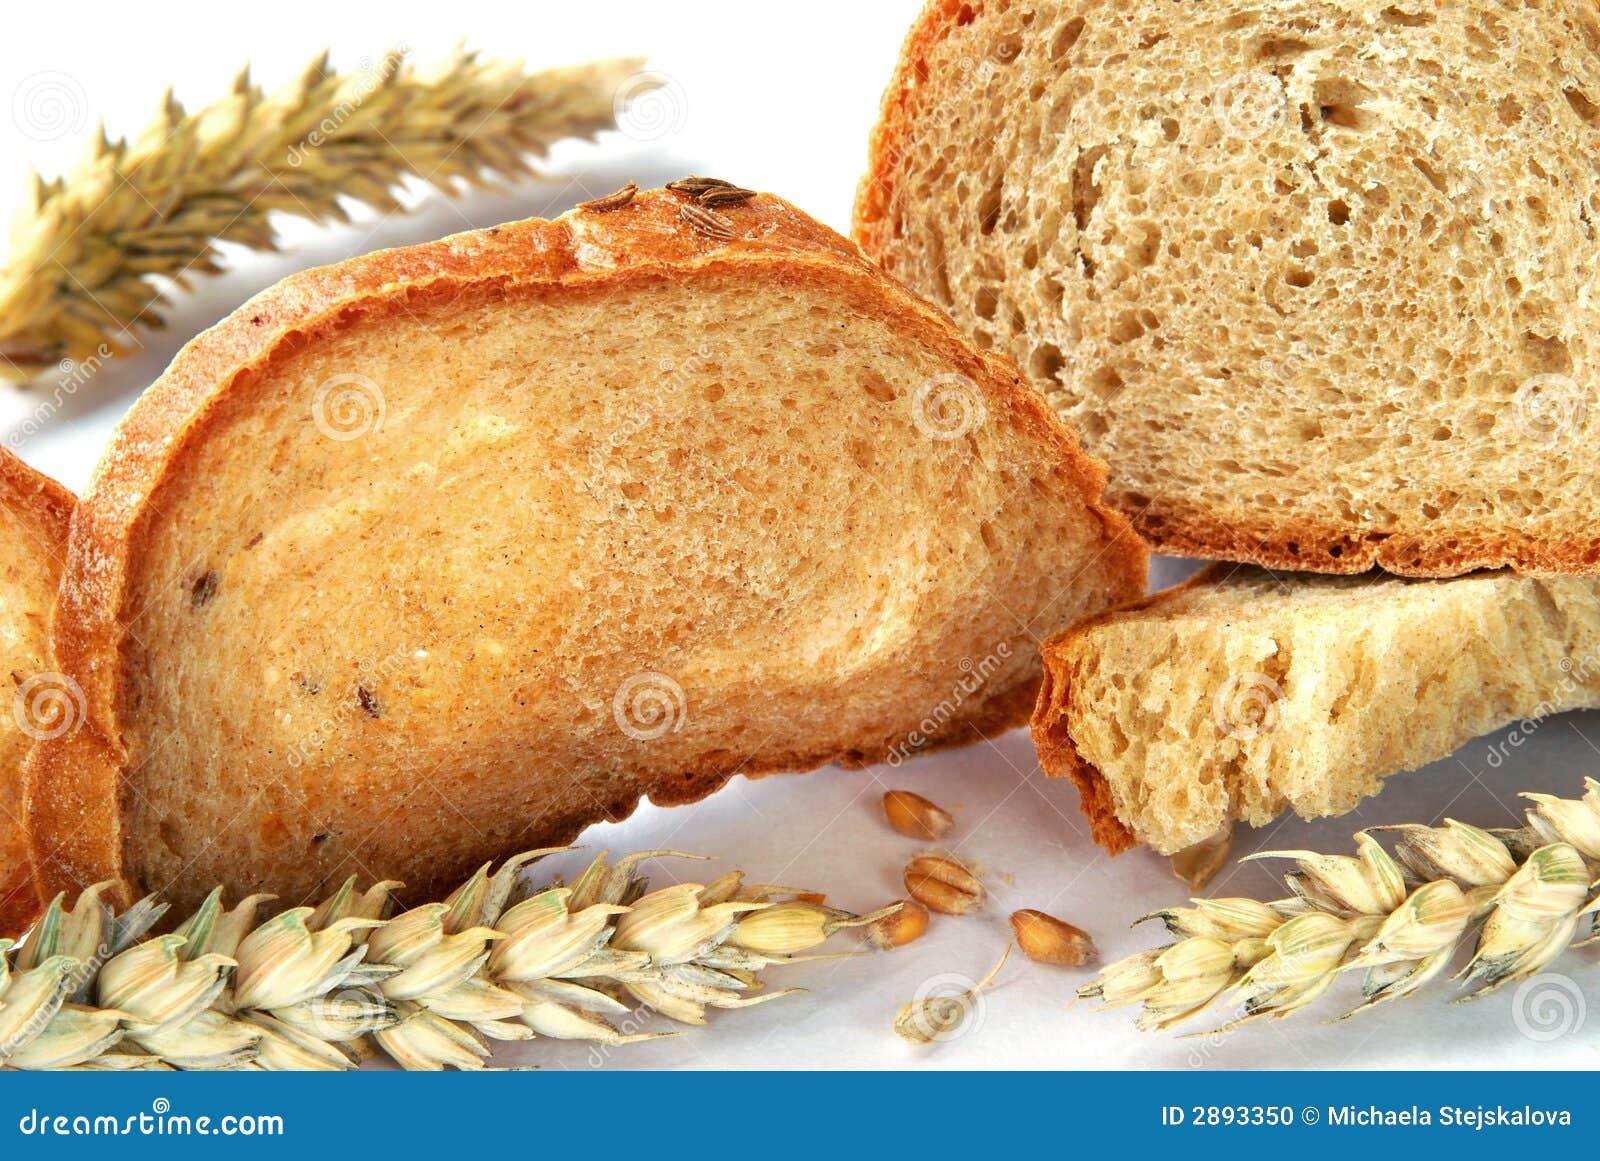 Tätt övre vete för bröd